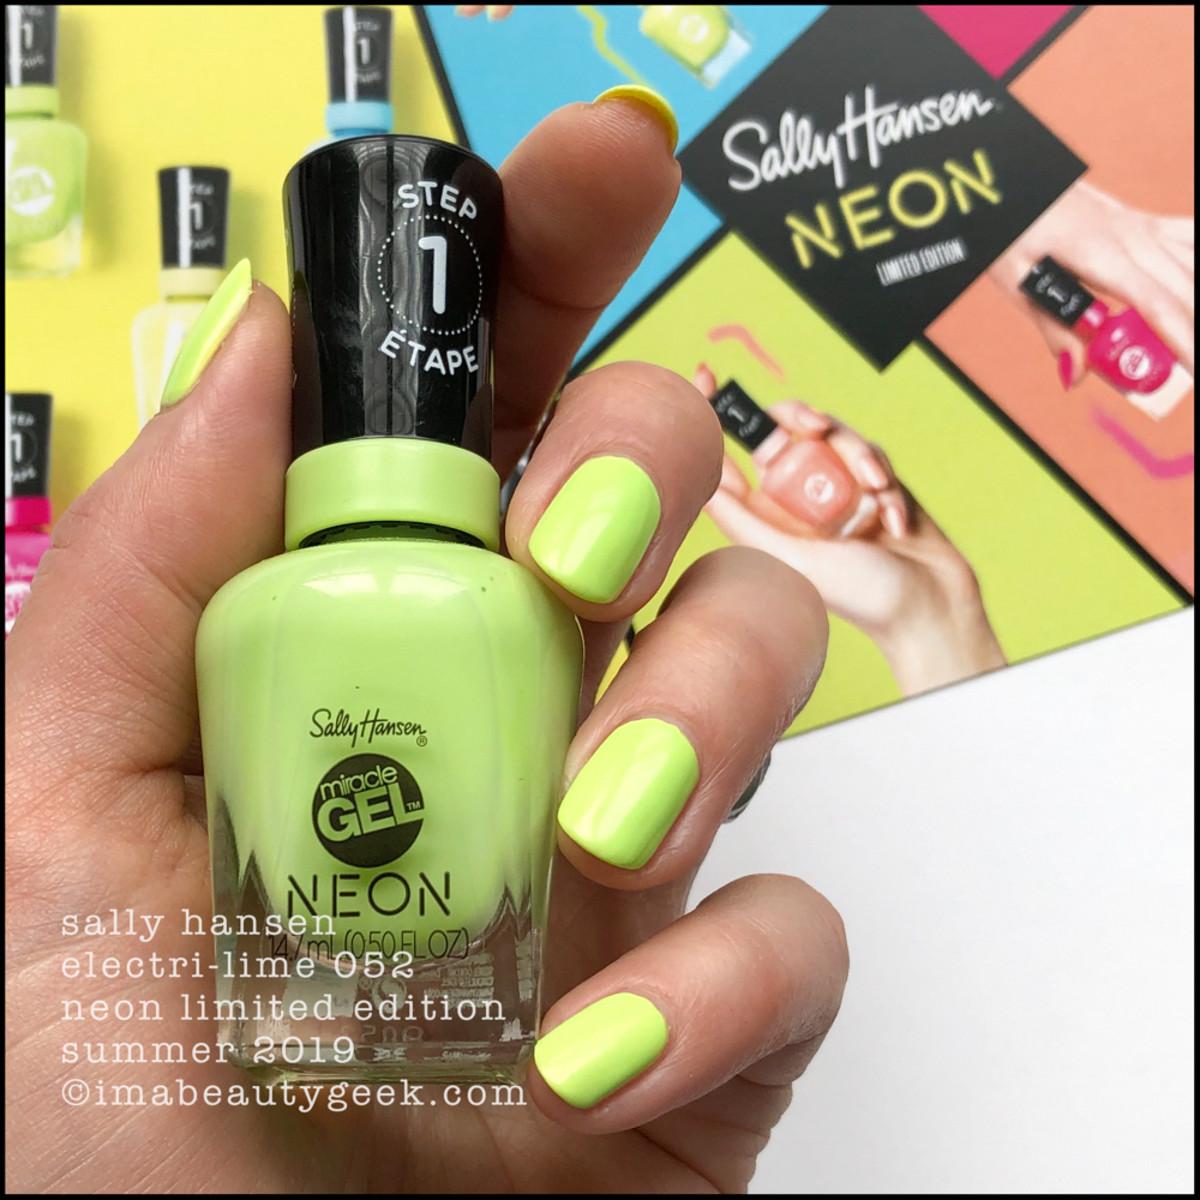 Sally Hansen Electri-Lime 052 - Sally Hansen Neon Collection Summer 2019